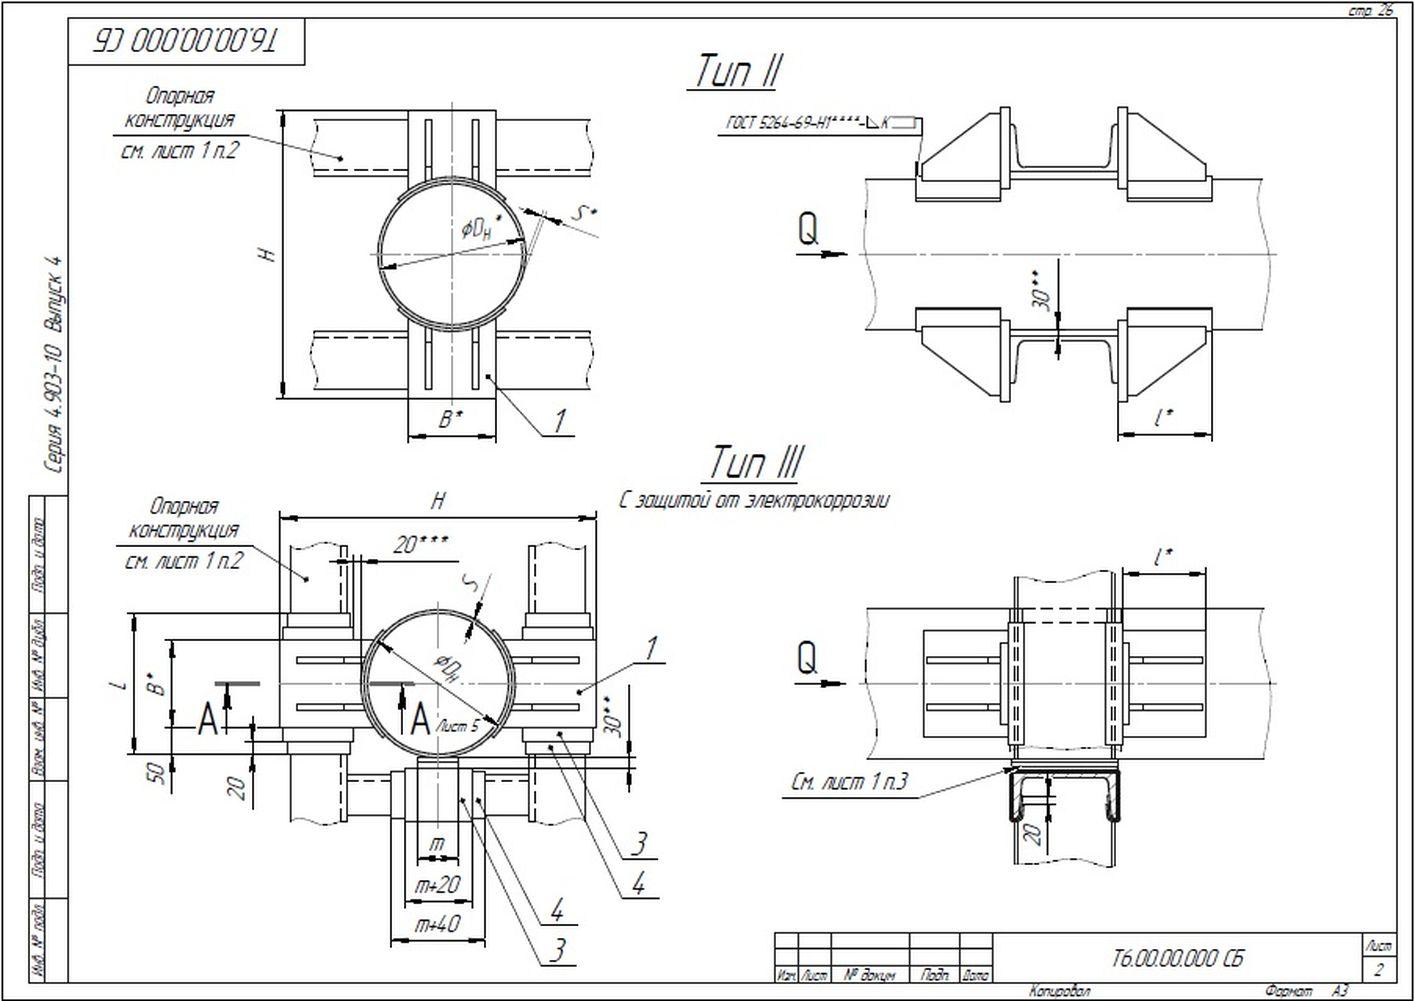 Опора неподвижная лобовая двухупорная усиленная Т6 серия 4.903-10 вып.4 стр.2